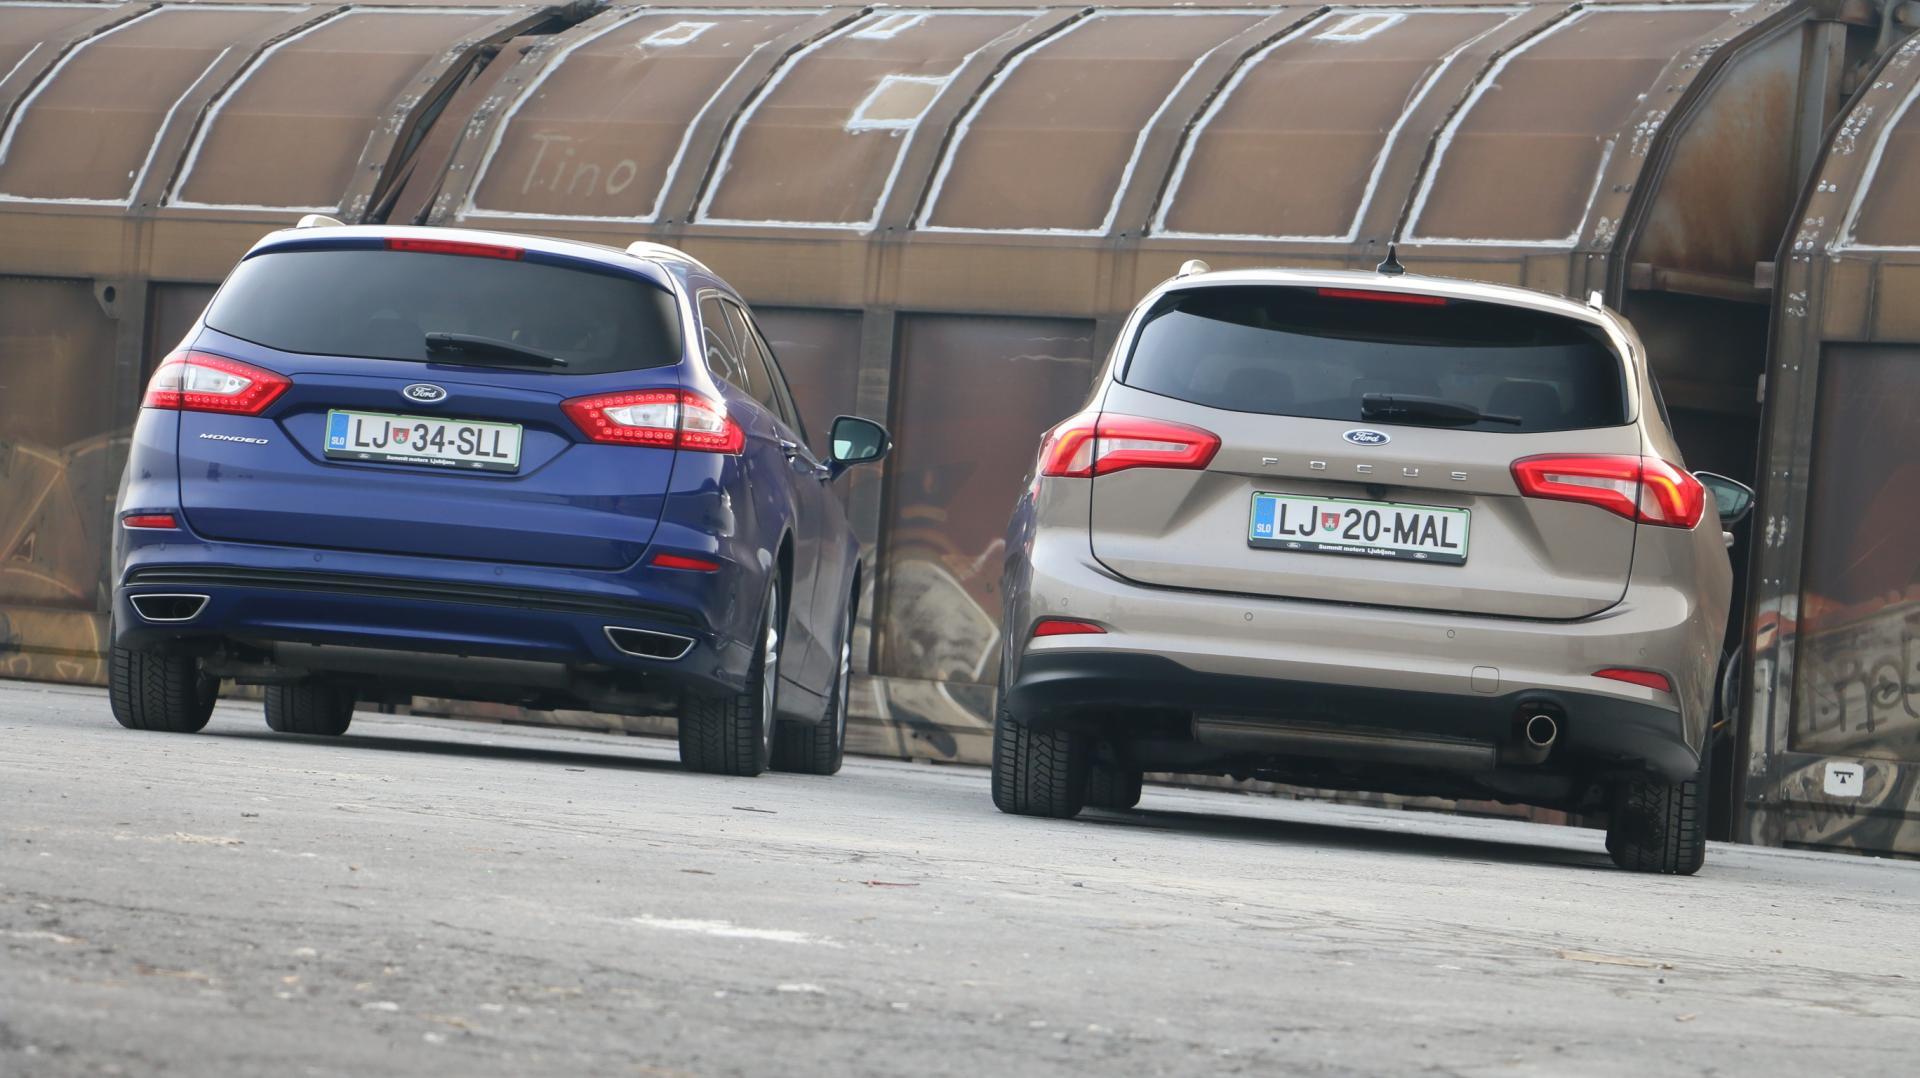 Kako s pametno izbiro službenega avta prihraniti 200 € mesečno